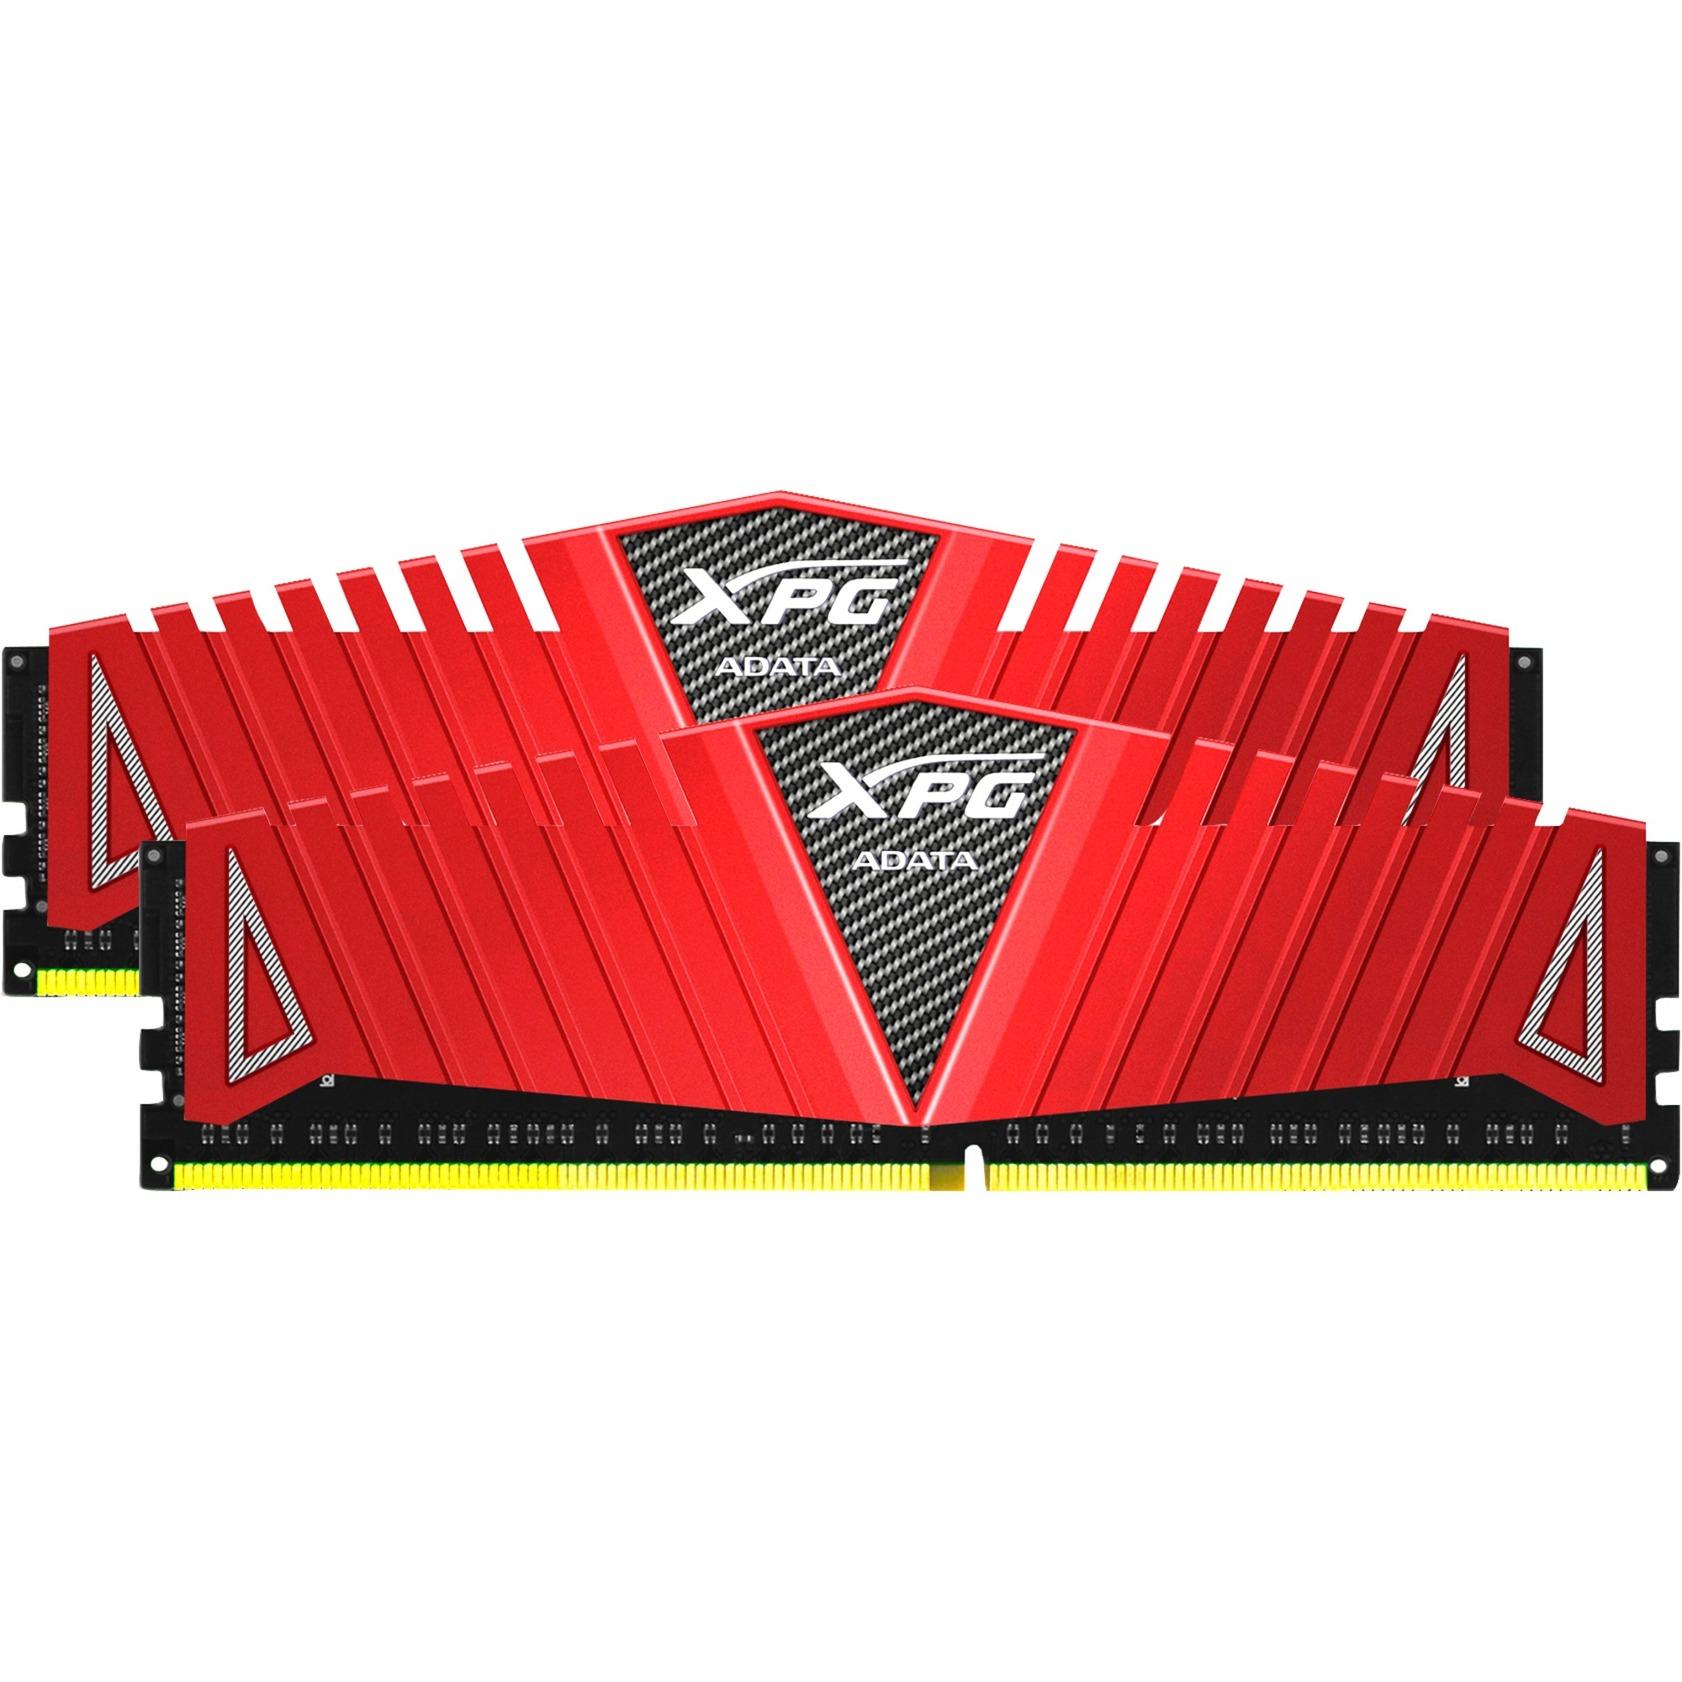 32GB DDR4-2400 32Go DDR4 2400MHz module de mémoire